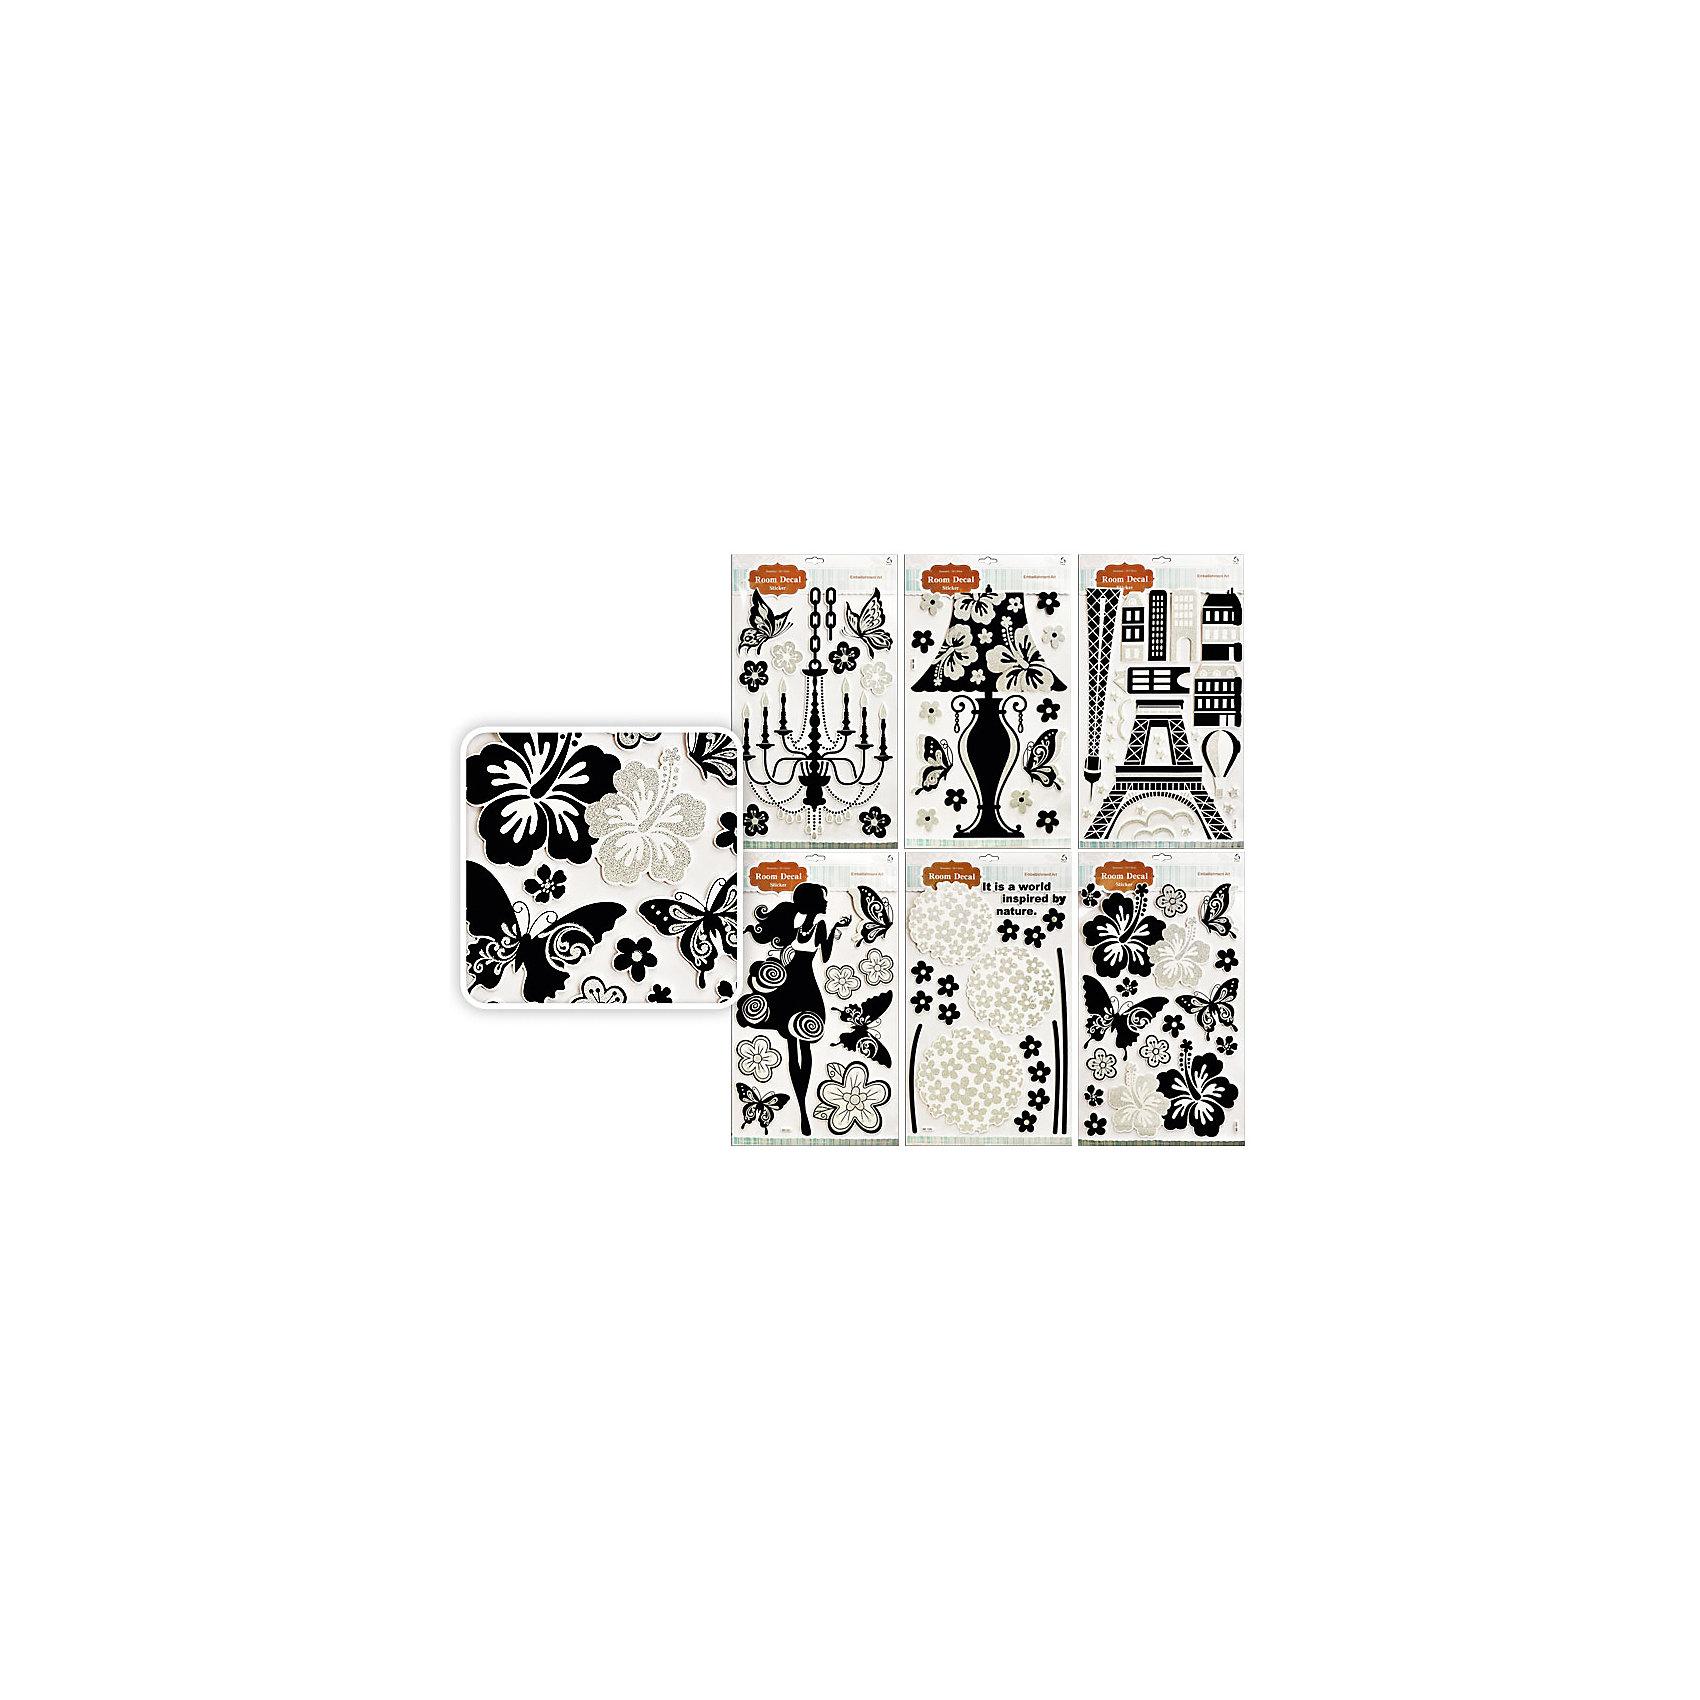 Интерьерные наклейки 32х56 см (в ассортименте)Стильные интерьерные наклейки в черно-белых цветах замечательно подойдут для украшения стен или мебели, поднимут настроение и создадут уют в доме. В каждом наборе несколько деталей, из которых складывается оригинальная композиция. В ассортименте 6 дизайнов наклеек.<br><br>Дополнительная информация:<br><br>- Размер упаковки: 32 х 56 х 1 см. <br>- Вес: 50 гр.<br><br>Интерьерные наклейки, Tukzar, можно купить в нашем интернет-магазине.<br><br>ВНИМАНИЕ! Данный артикул имеется в наличии в разных вариантах исполнения. Заранее выбрать определенный вариант нельзя. При заказе нескольких наклеек возможно получение одинаковых.<br><br>Ширина мм: 560<br>Глубина мм: 320<br>Высота мм: 10<br>Вес г: 50<br>Возраст от месяцев: 36<br>Возраст до месяцев: 216<br>Пол: Унисекс<br>Возраст: Детский<br>SKU: 4037277